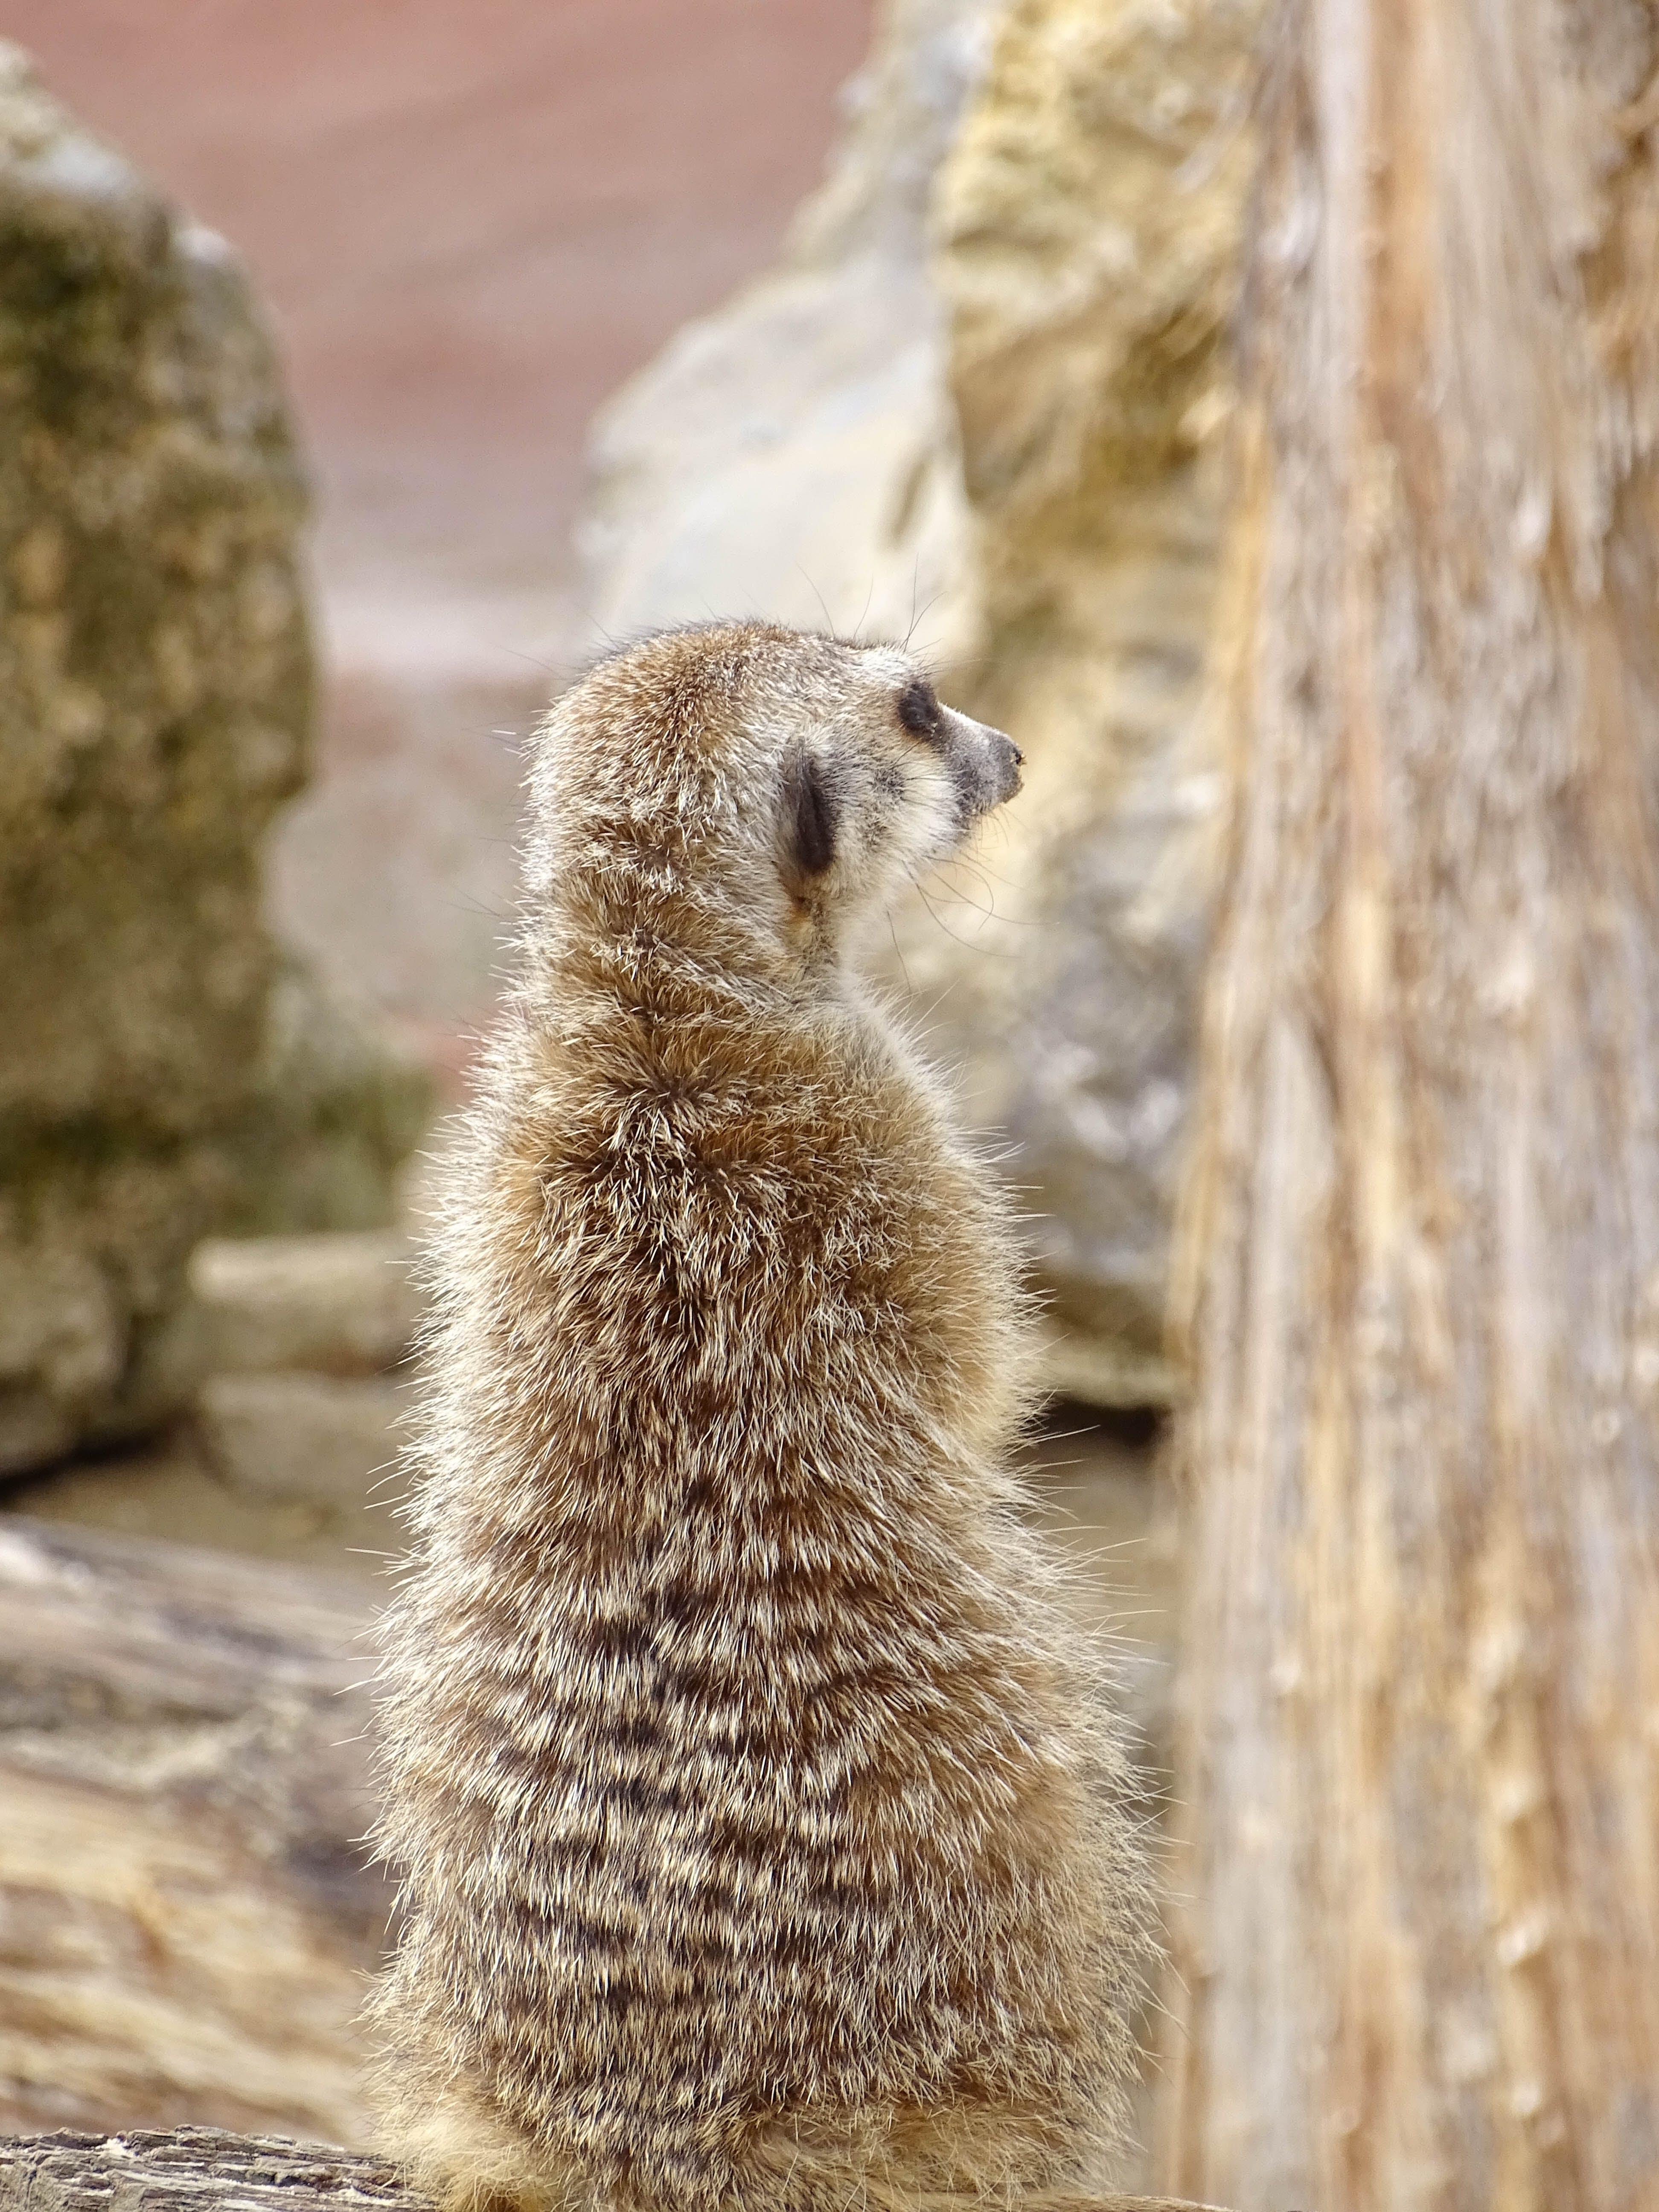 Δωρεάν στοκ φωτογραφιών με meerkat, γλυκούλι, ζώα, ζώο